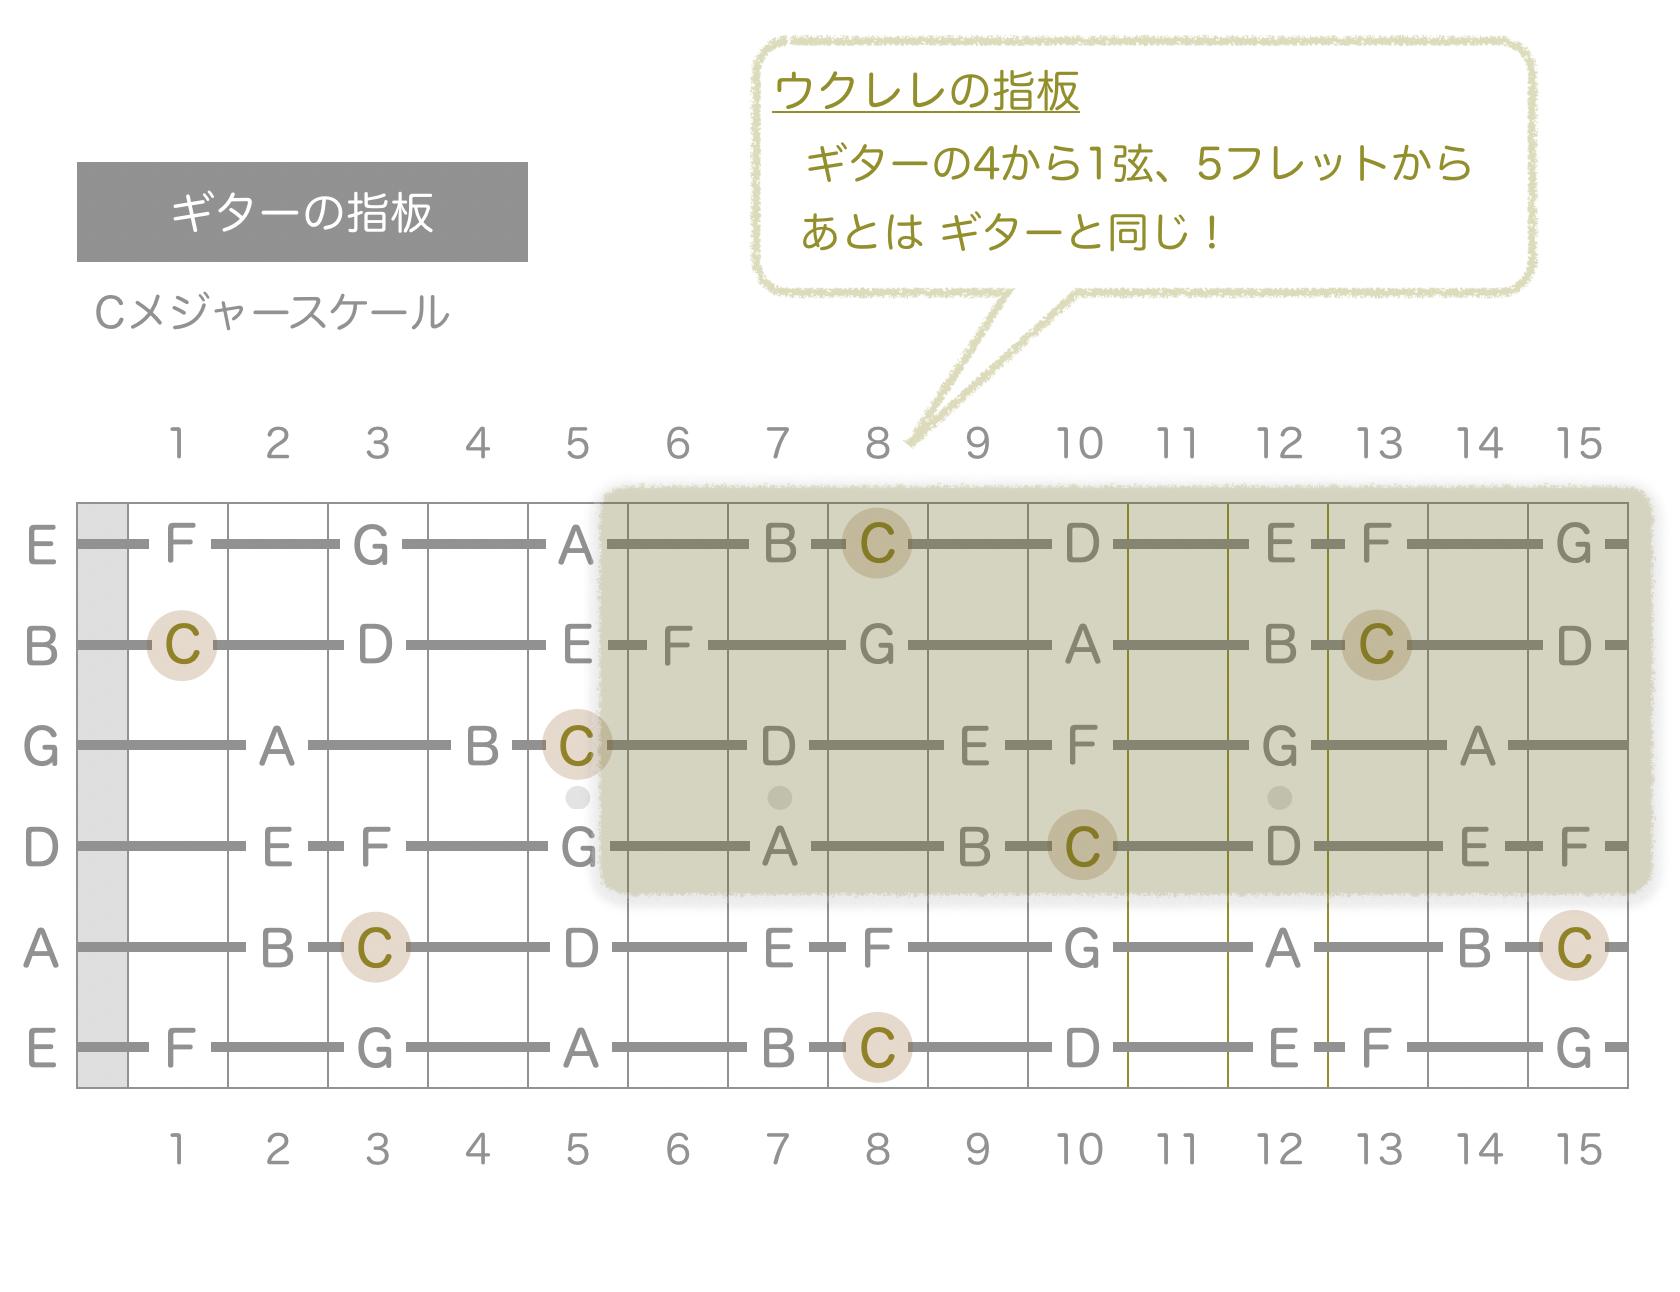 ギター指板 ウクレレ指板